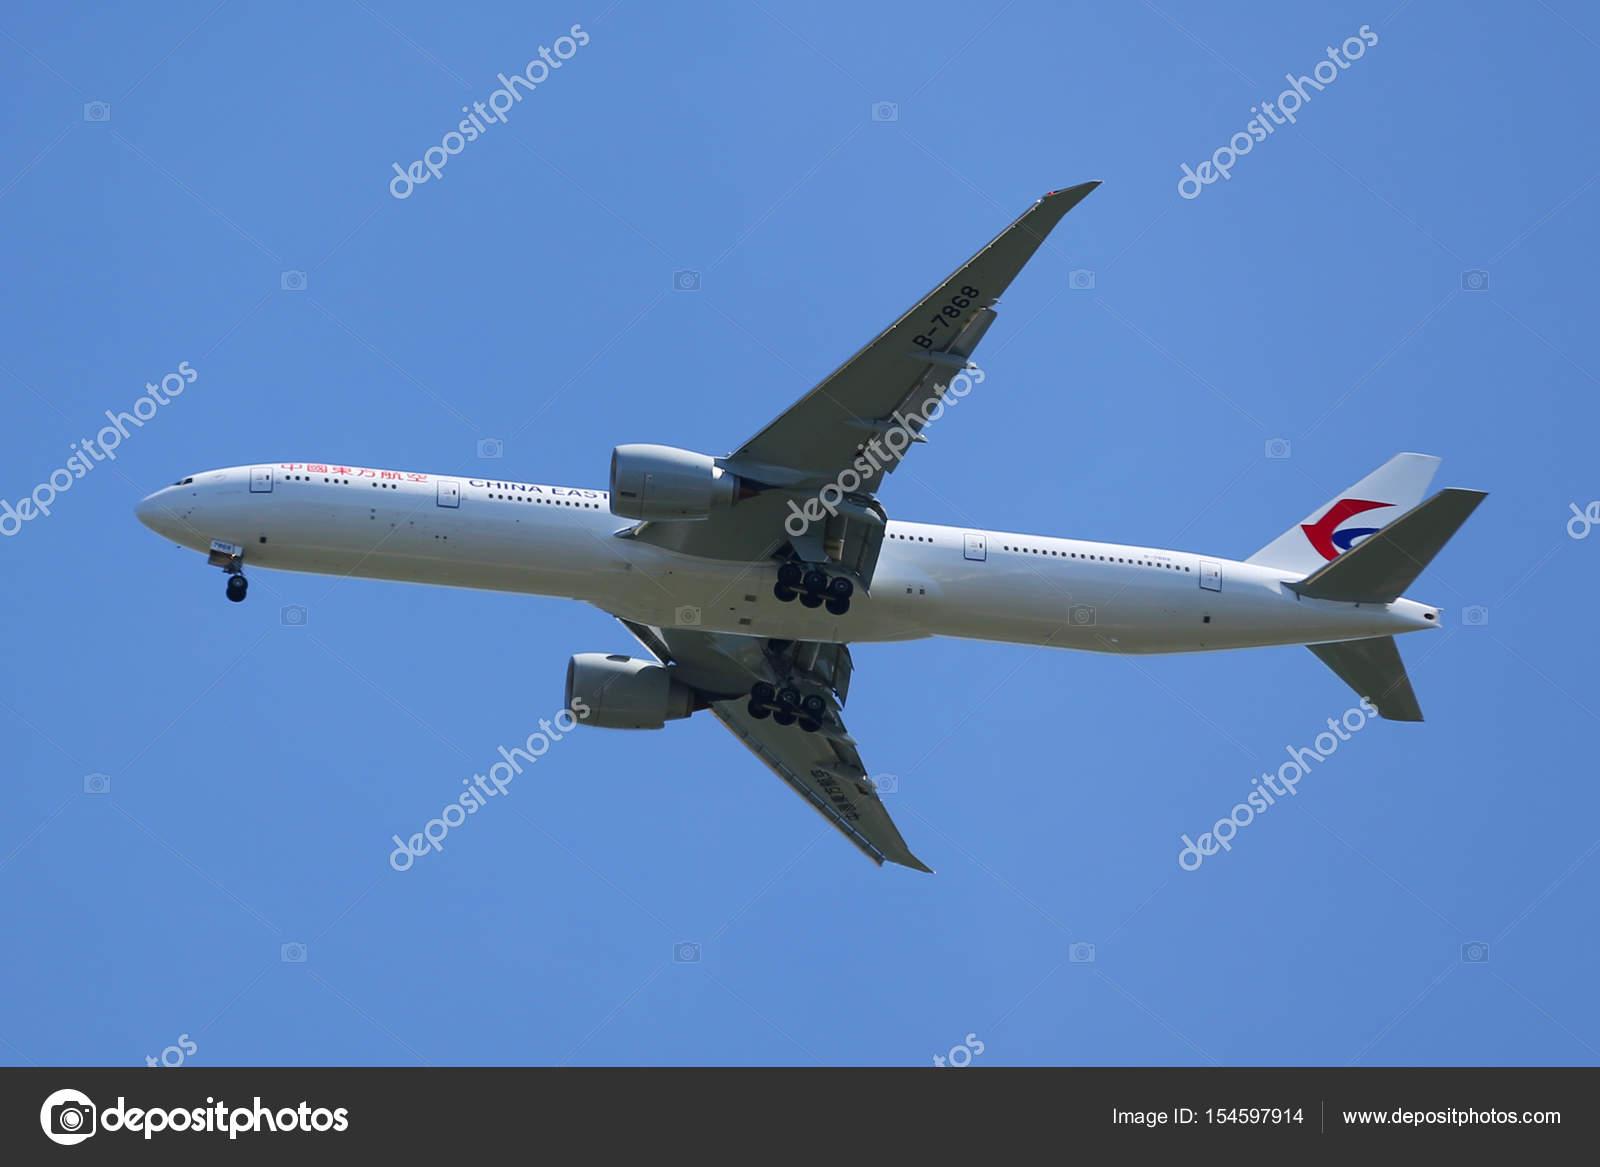 Aeroporto York : China eastern airlines boeing 777 desce para pouso no aeroporto